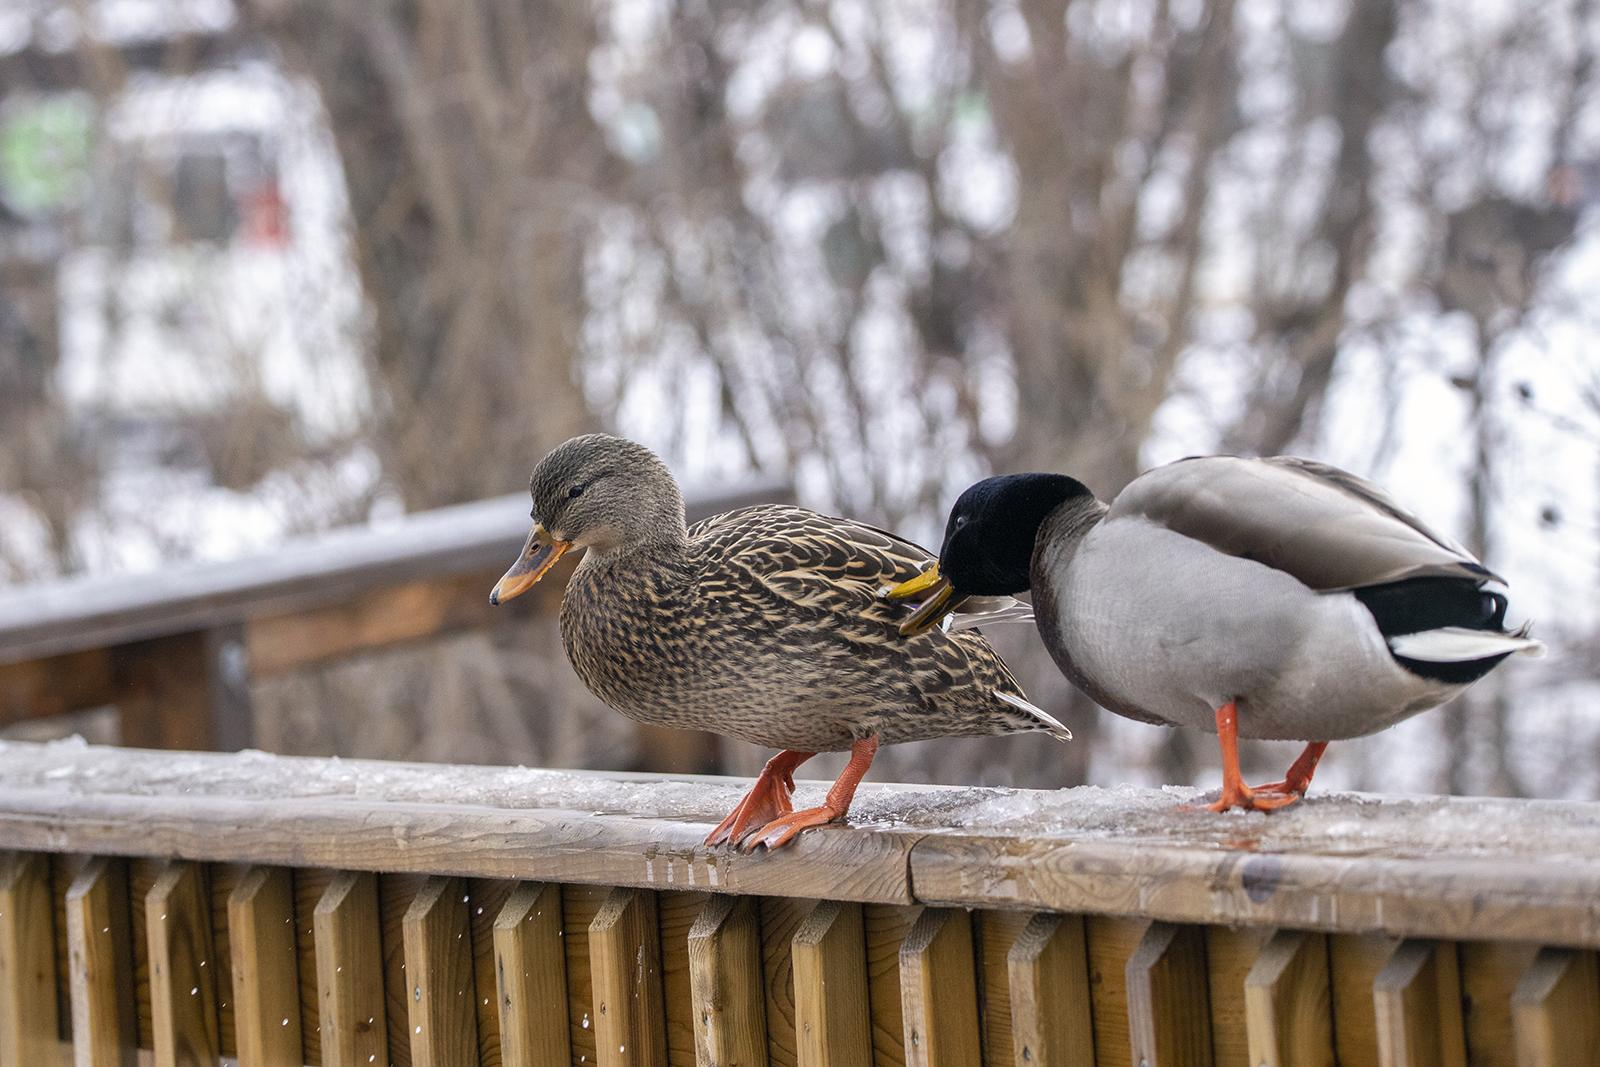 mallard-ducks-squabble-2-BRimages.ca